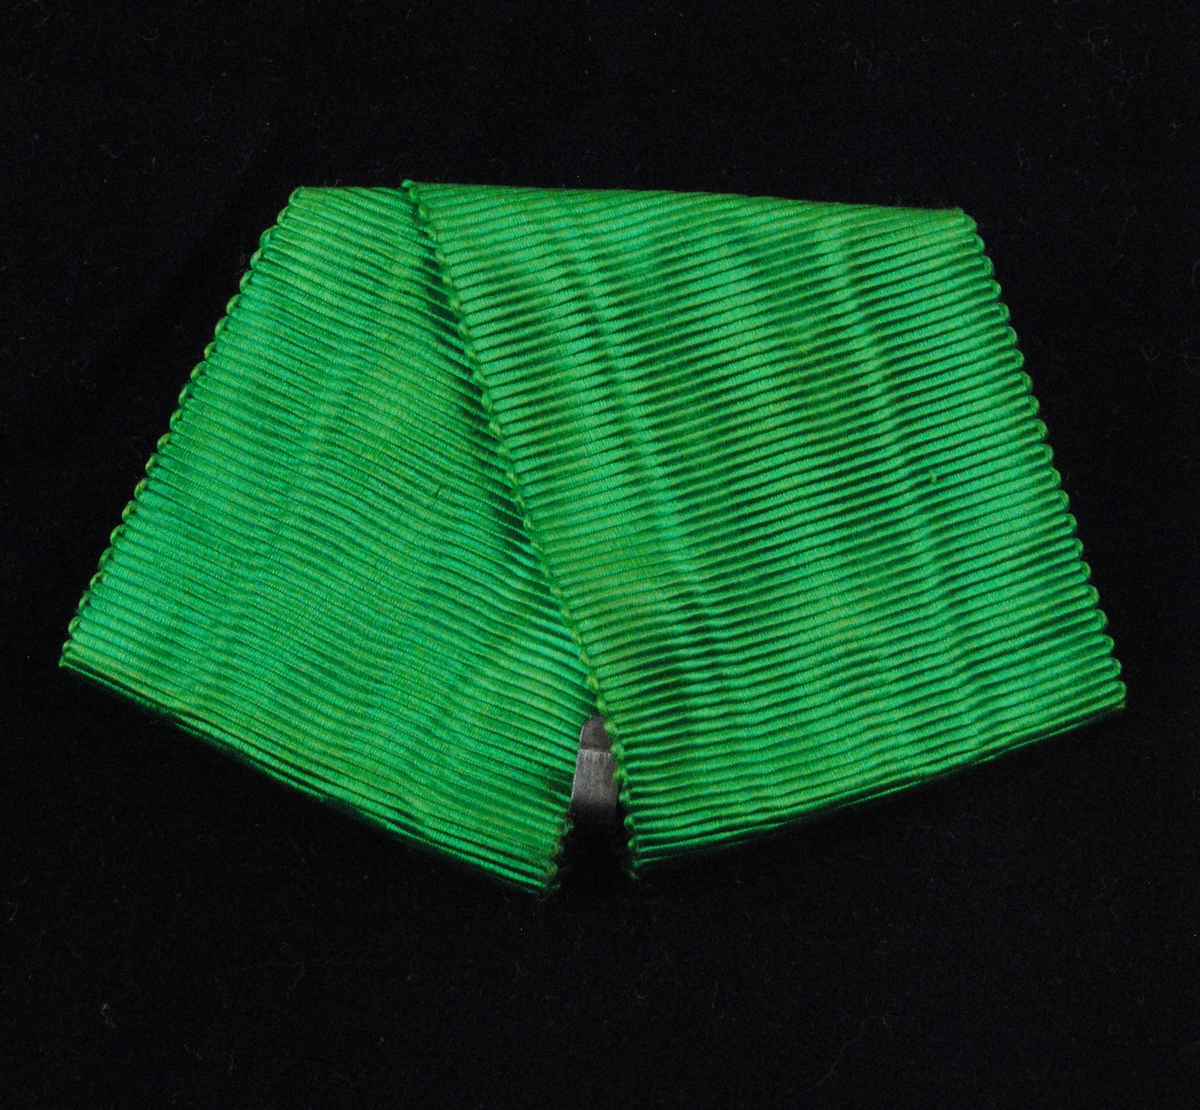 Ett grönt ordensband av siden som har tillhört en Vasaorden, ett riddarkors. Bandet har ett par metallkrokar fastsydda på baksidan för att kunna fästa orden vid klädseln. Själva ordenstecknet saknas då en Vasaorden efter mottagarens död måste återlämnas.